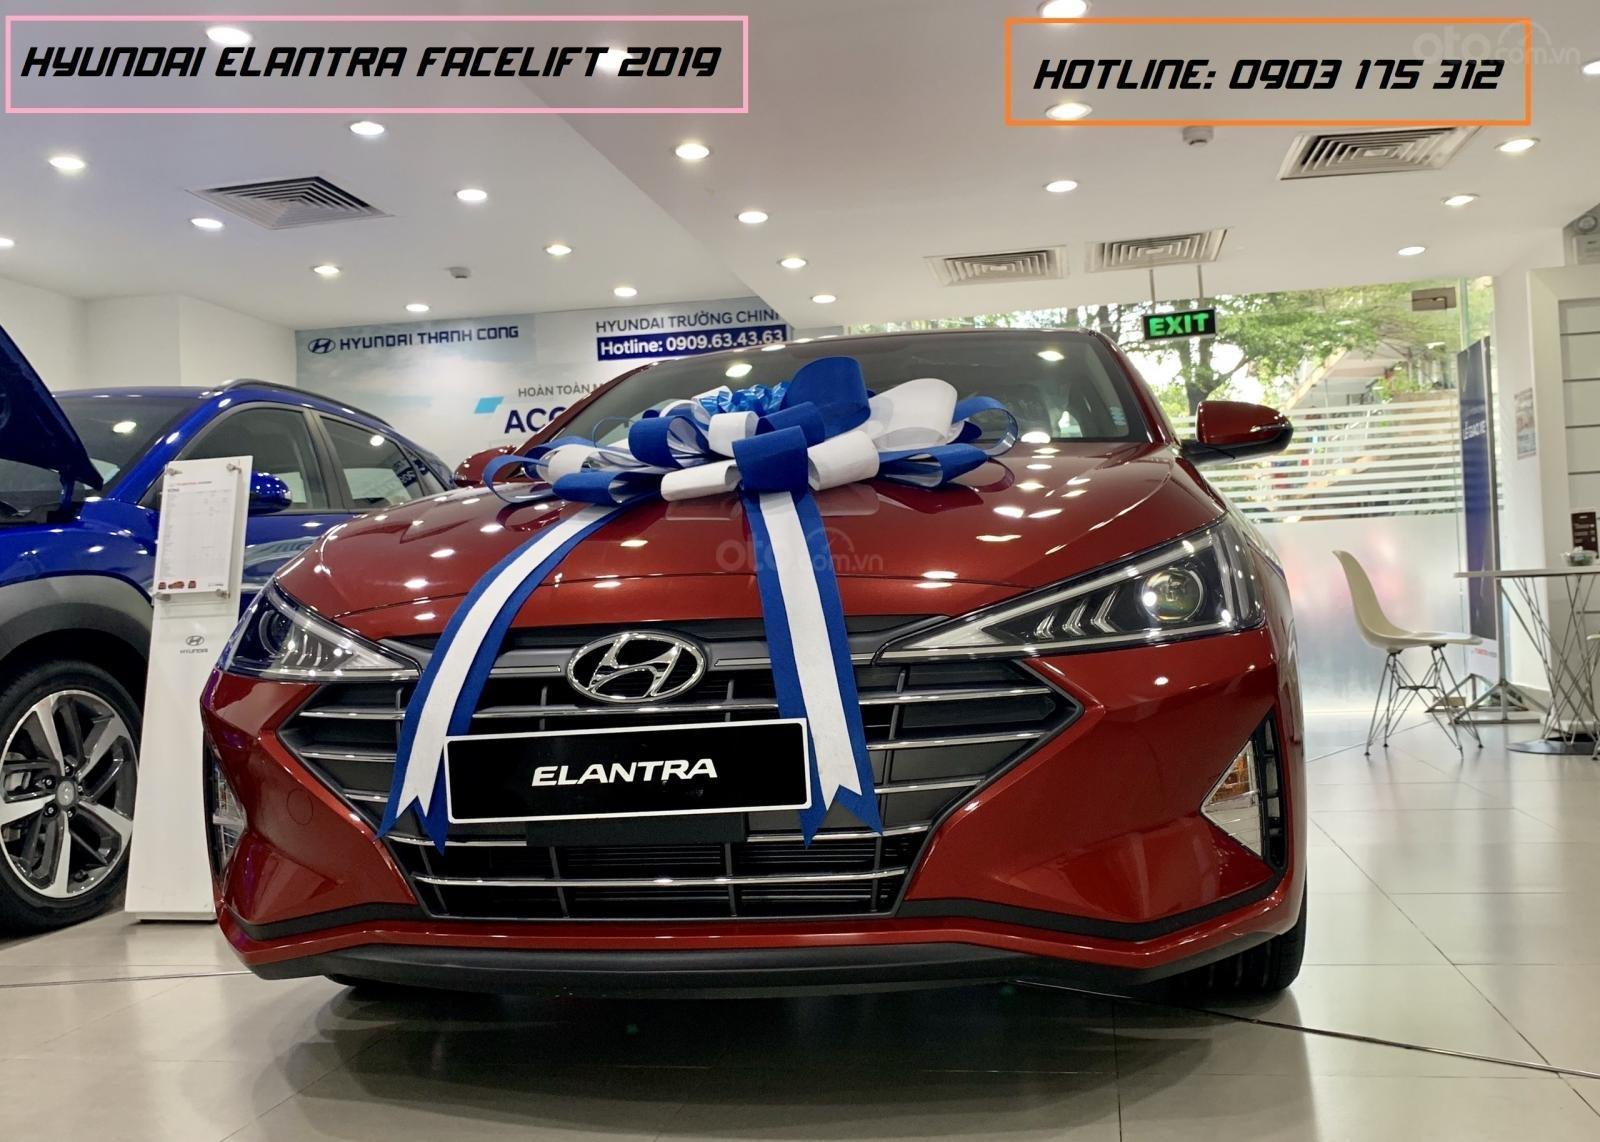 Hyundai Elantra xe sẵn giao ngay, giá giảm sâu, tặng thêm nhiều quà tặng giá trị. Lh: 0977 139 312 (1)